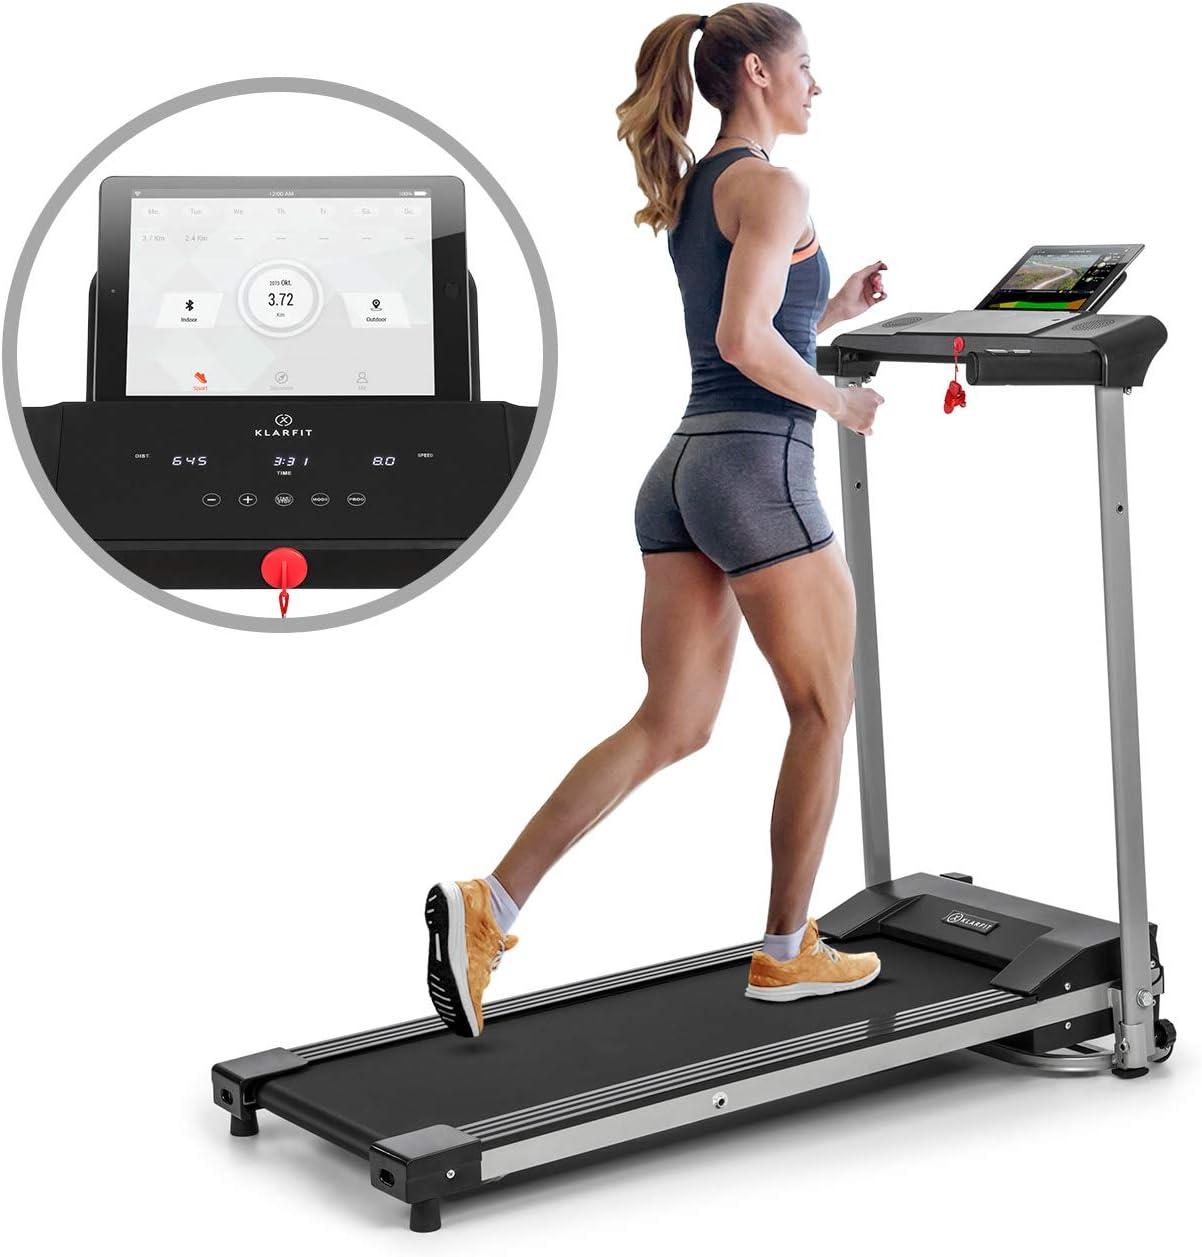 KlarfitTreado ActiveCinta de correr plegable - 1,1 PS de potencia, Entrenamiento cardio, Velocidad regulable de 10 km/h, 3 programas de entrenamiento, Sistema AudioConnect, Altavoces, Negro